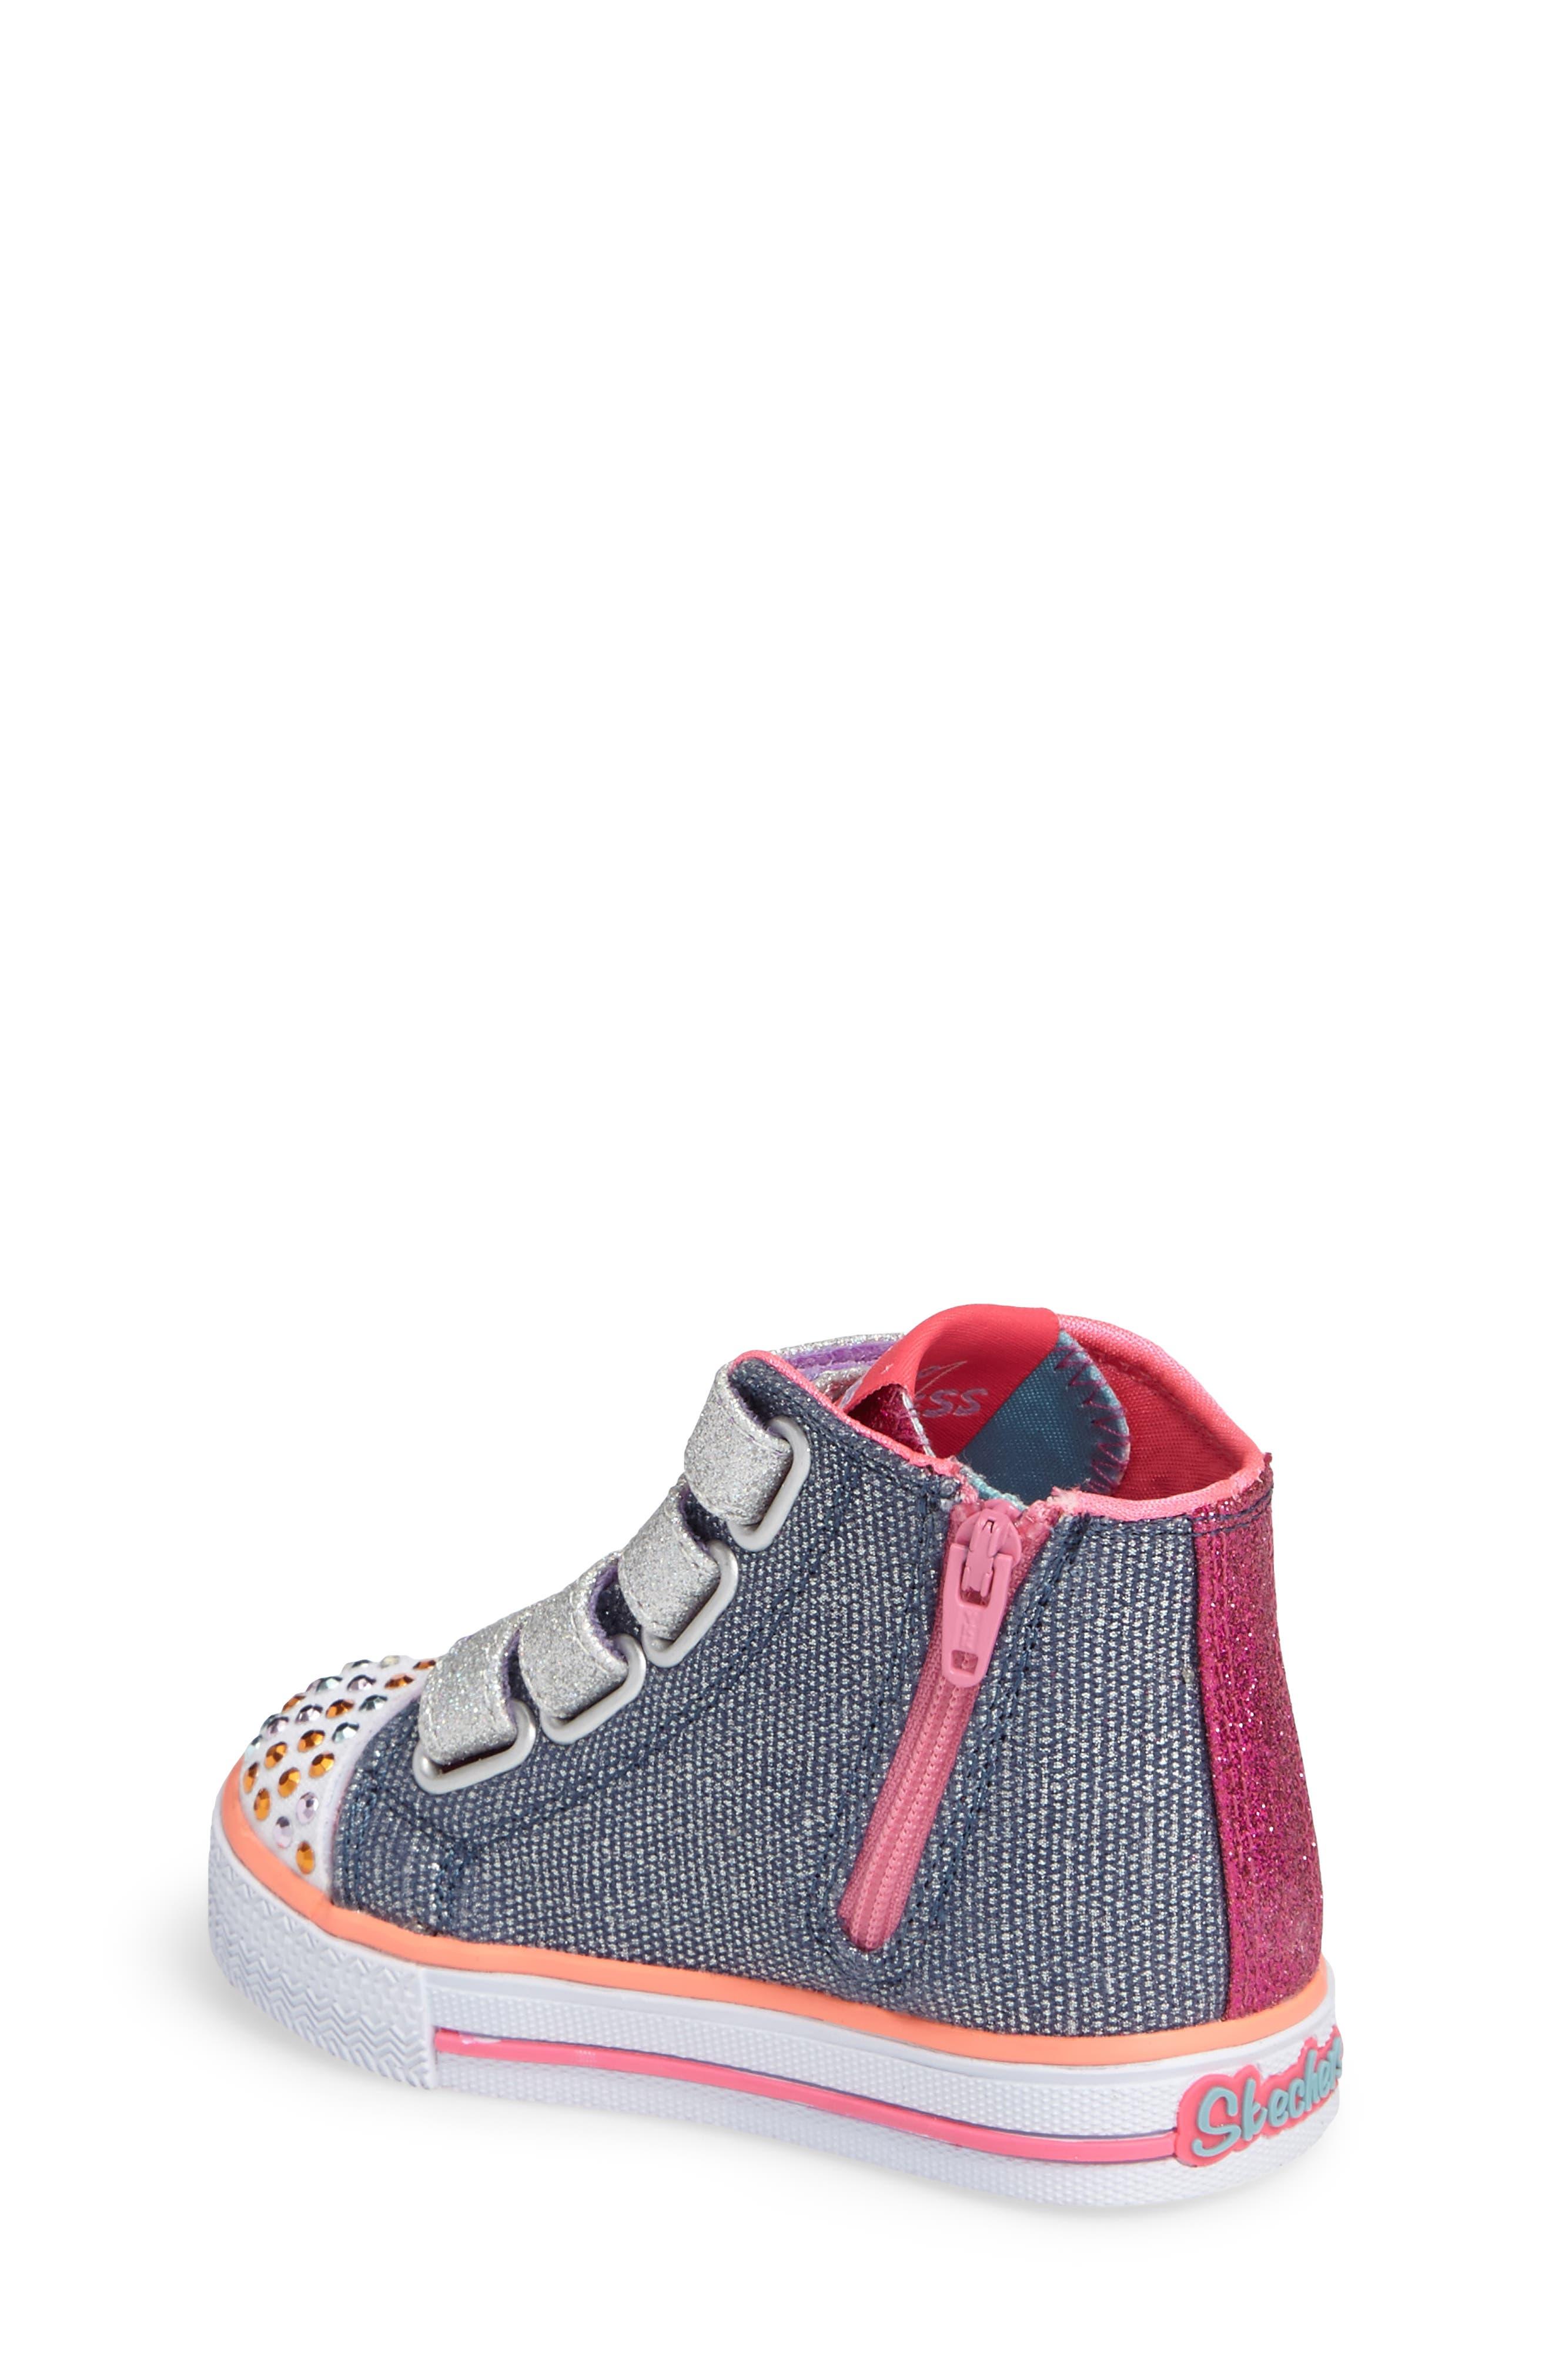 Shuffles Sneaker,                             Alternate thumbnail 2, color,